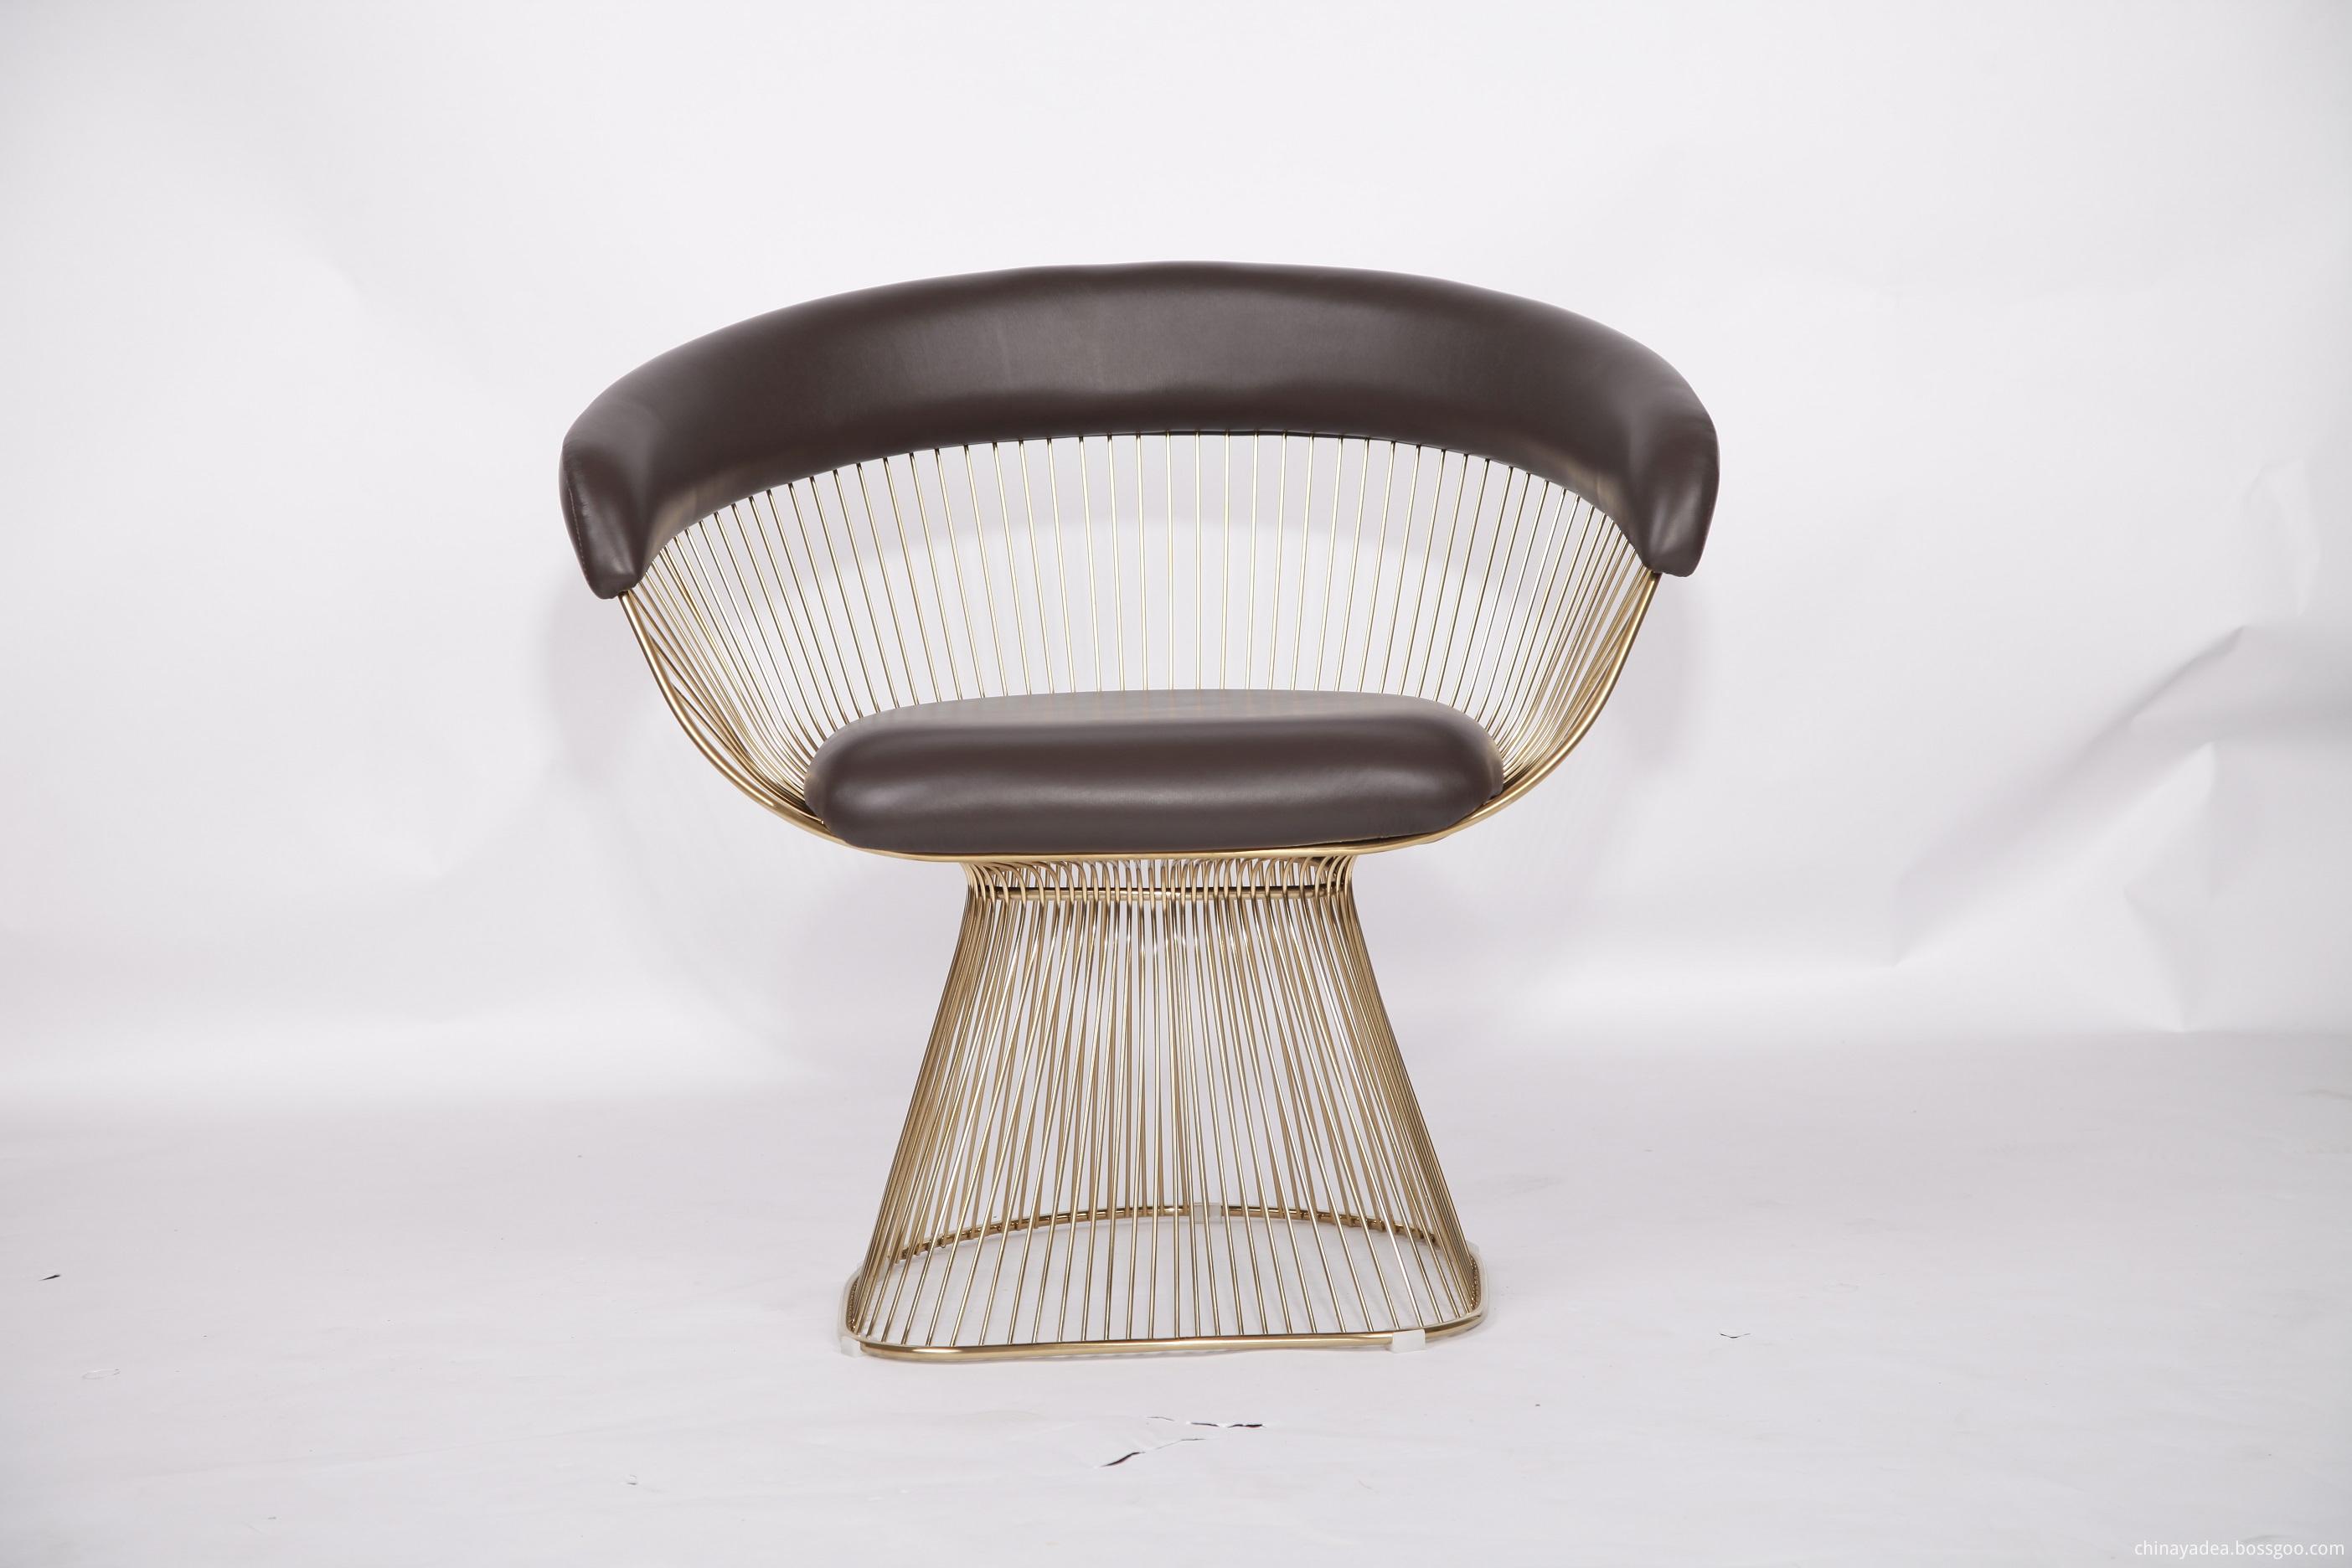 Warren platner chair replica